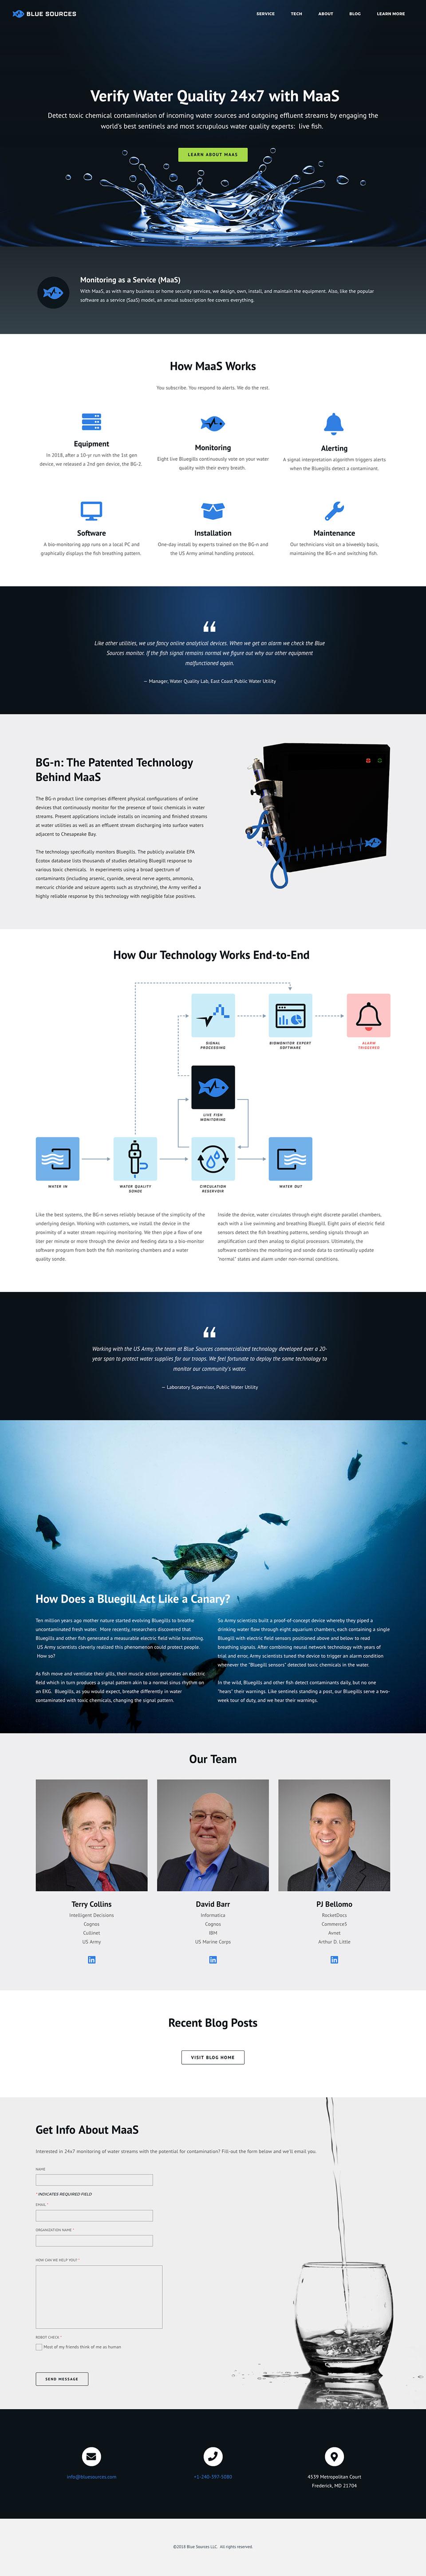 blue-sources-website-960x5808